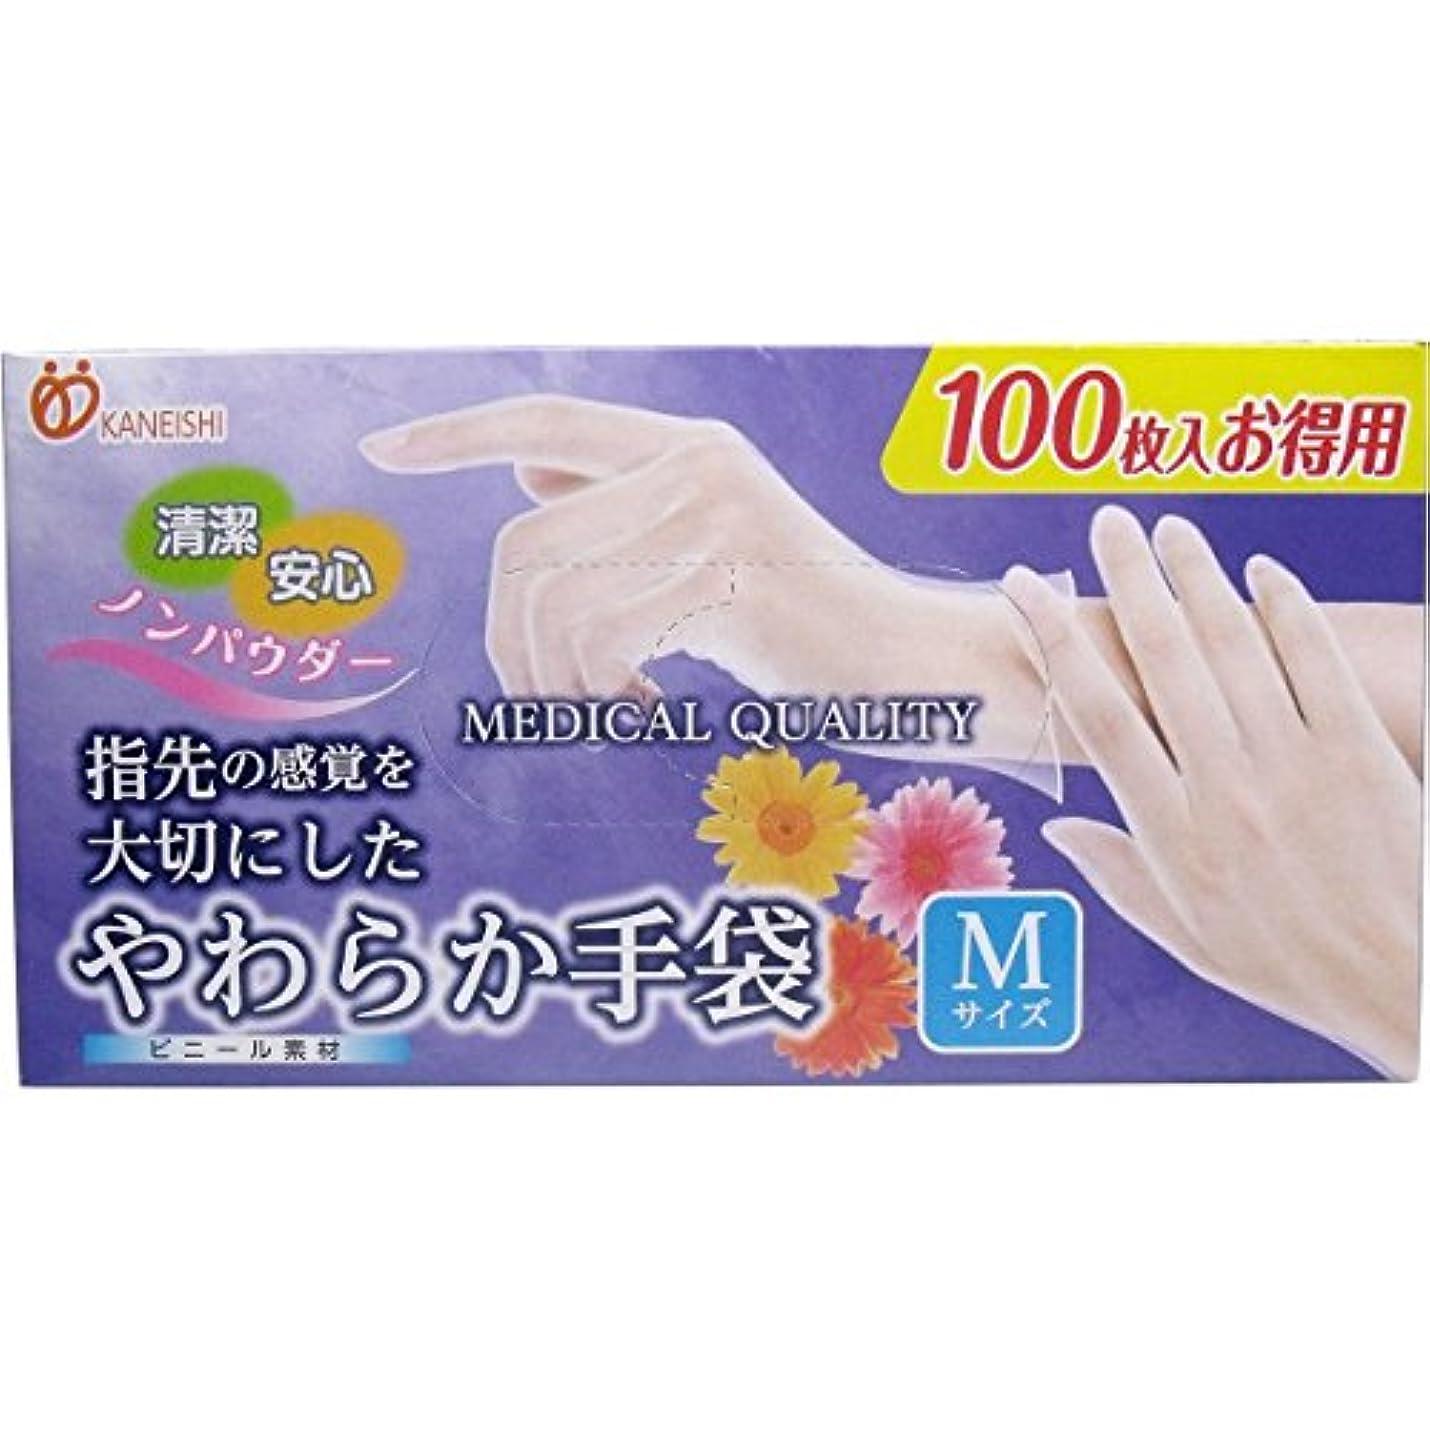 動的人間やわらか手袋 ビニール素材 Mサイズ 100枚入x4